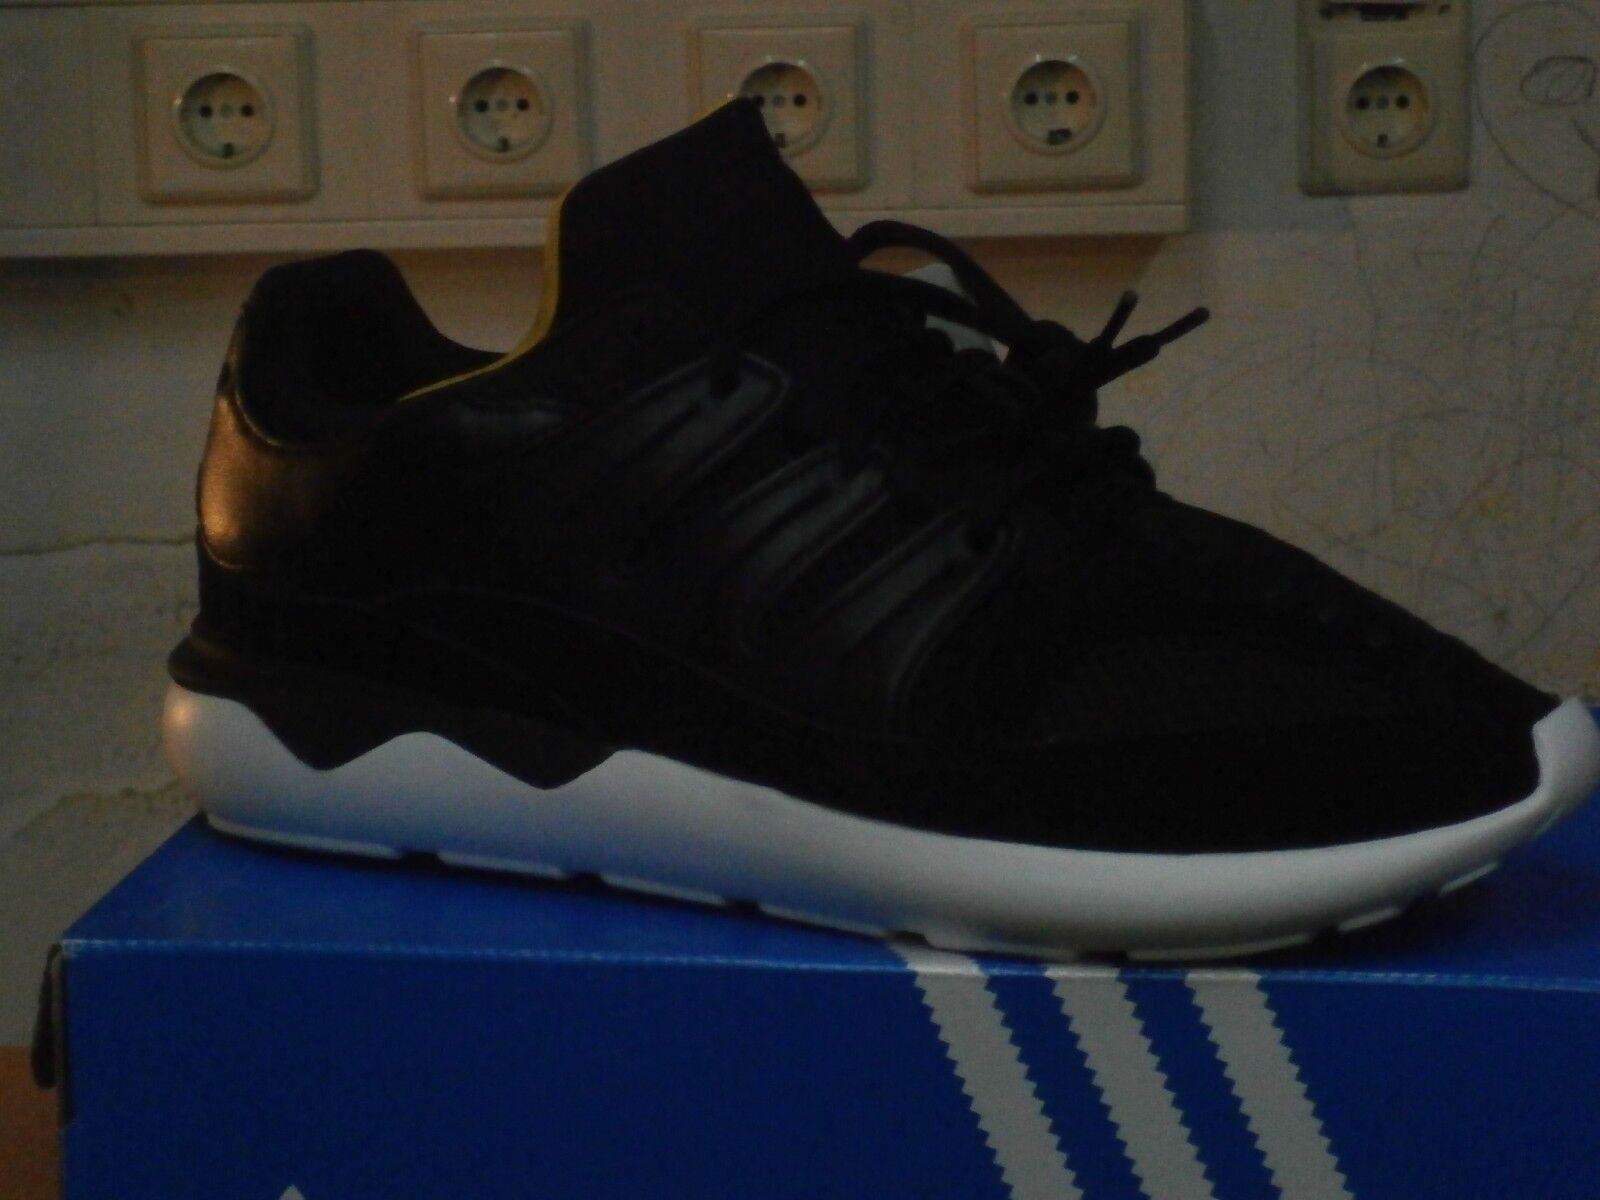 3a807269a7d02 719e83 Adidas tubular 93 b25863 Originals adidas caballero zapatillas  zapatillas zapatillas Turnschuhe.